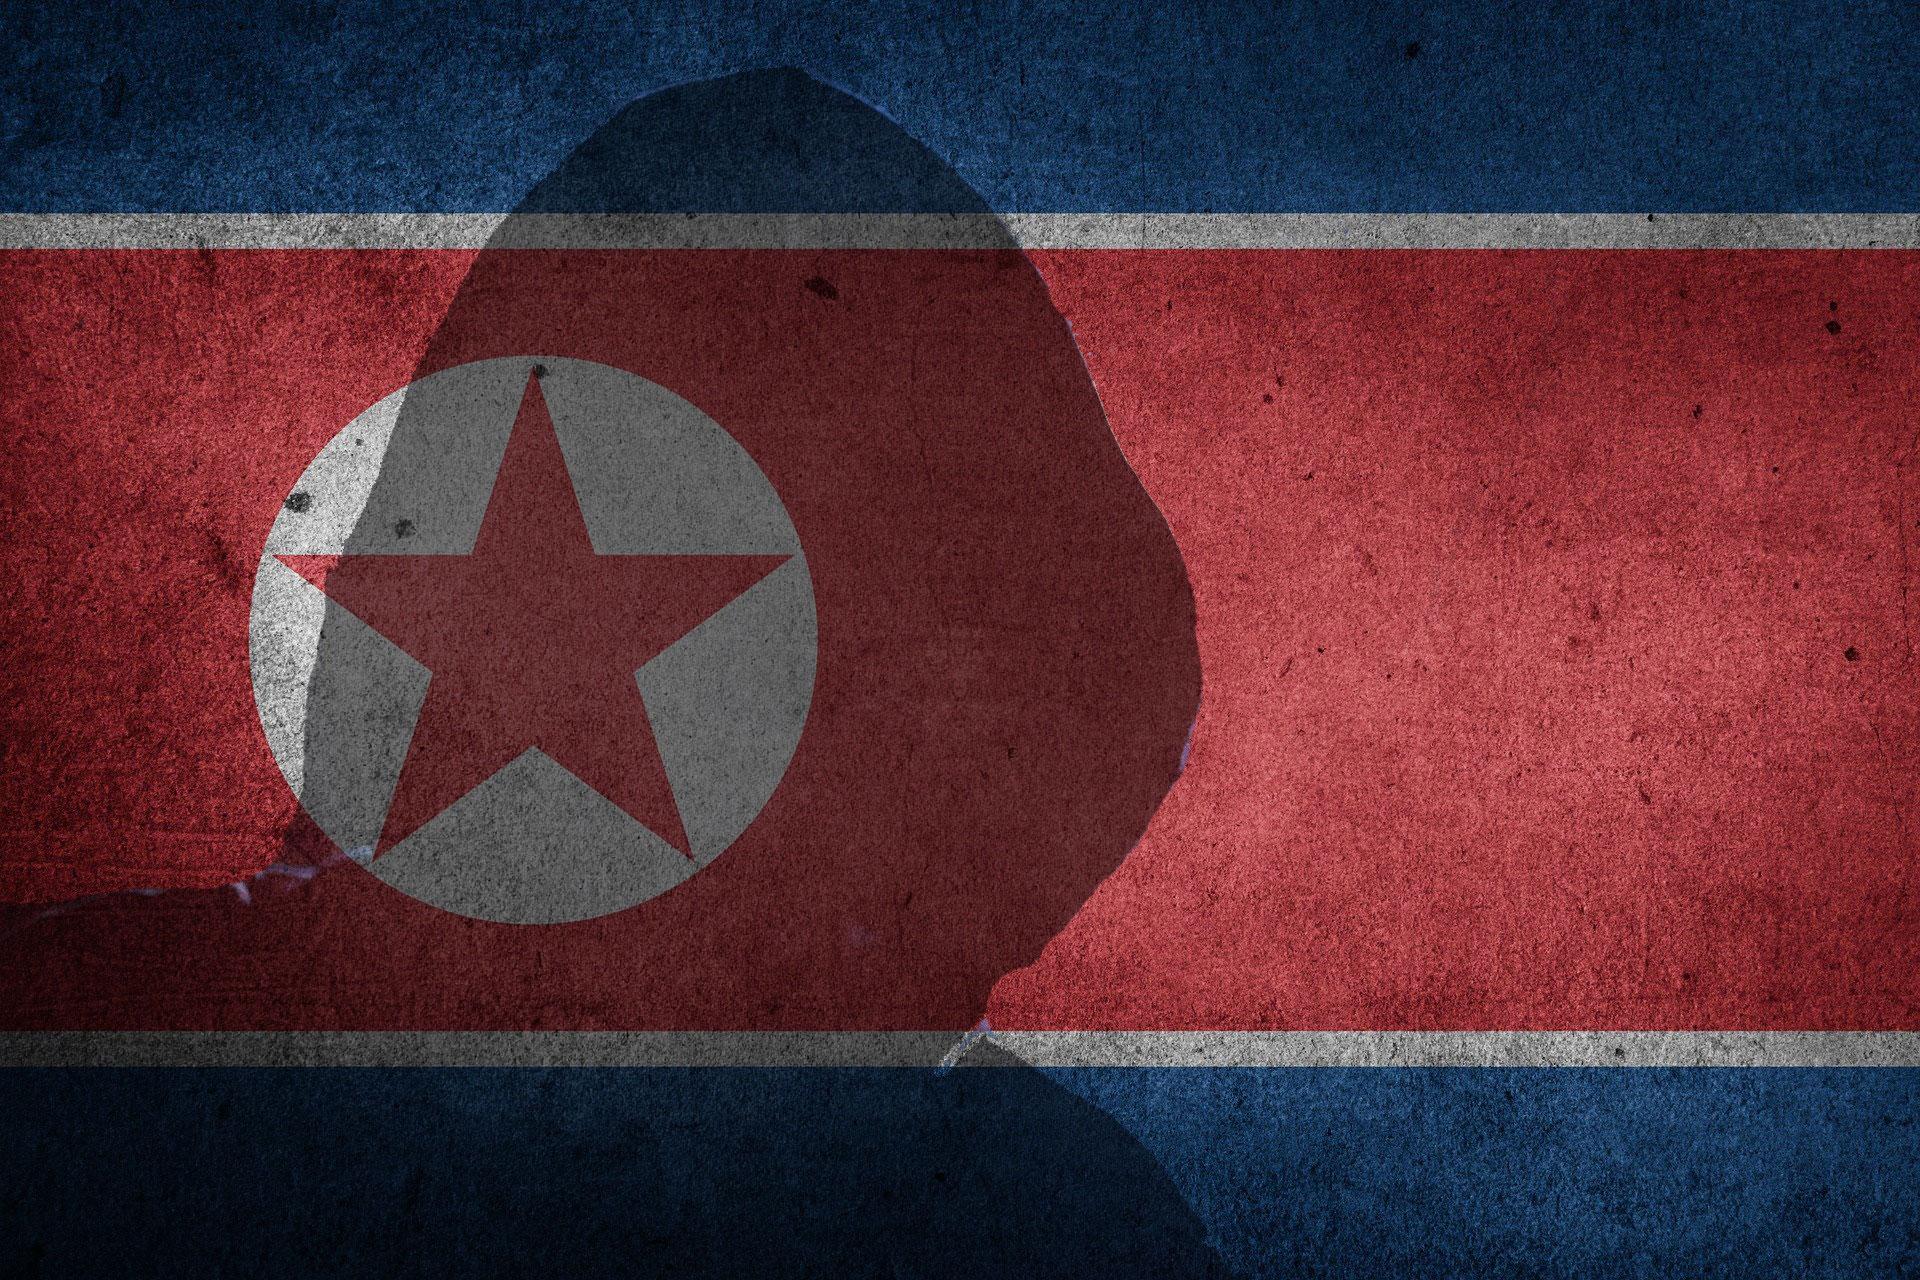 北朝鮮ハッカー集団ラザルス、新たな手法で仮想通貨ハッキング!